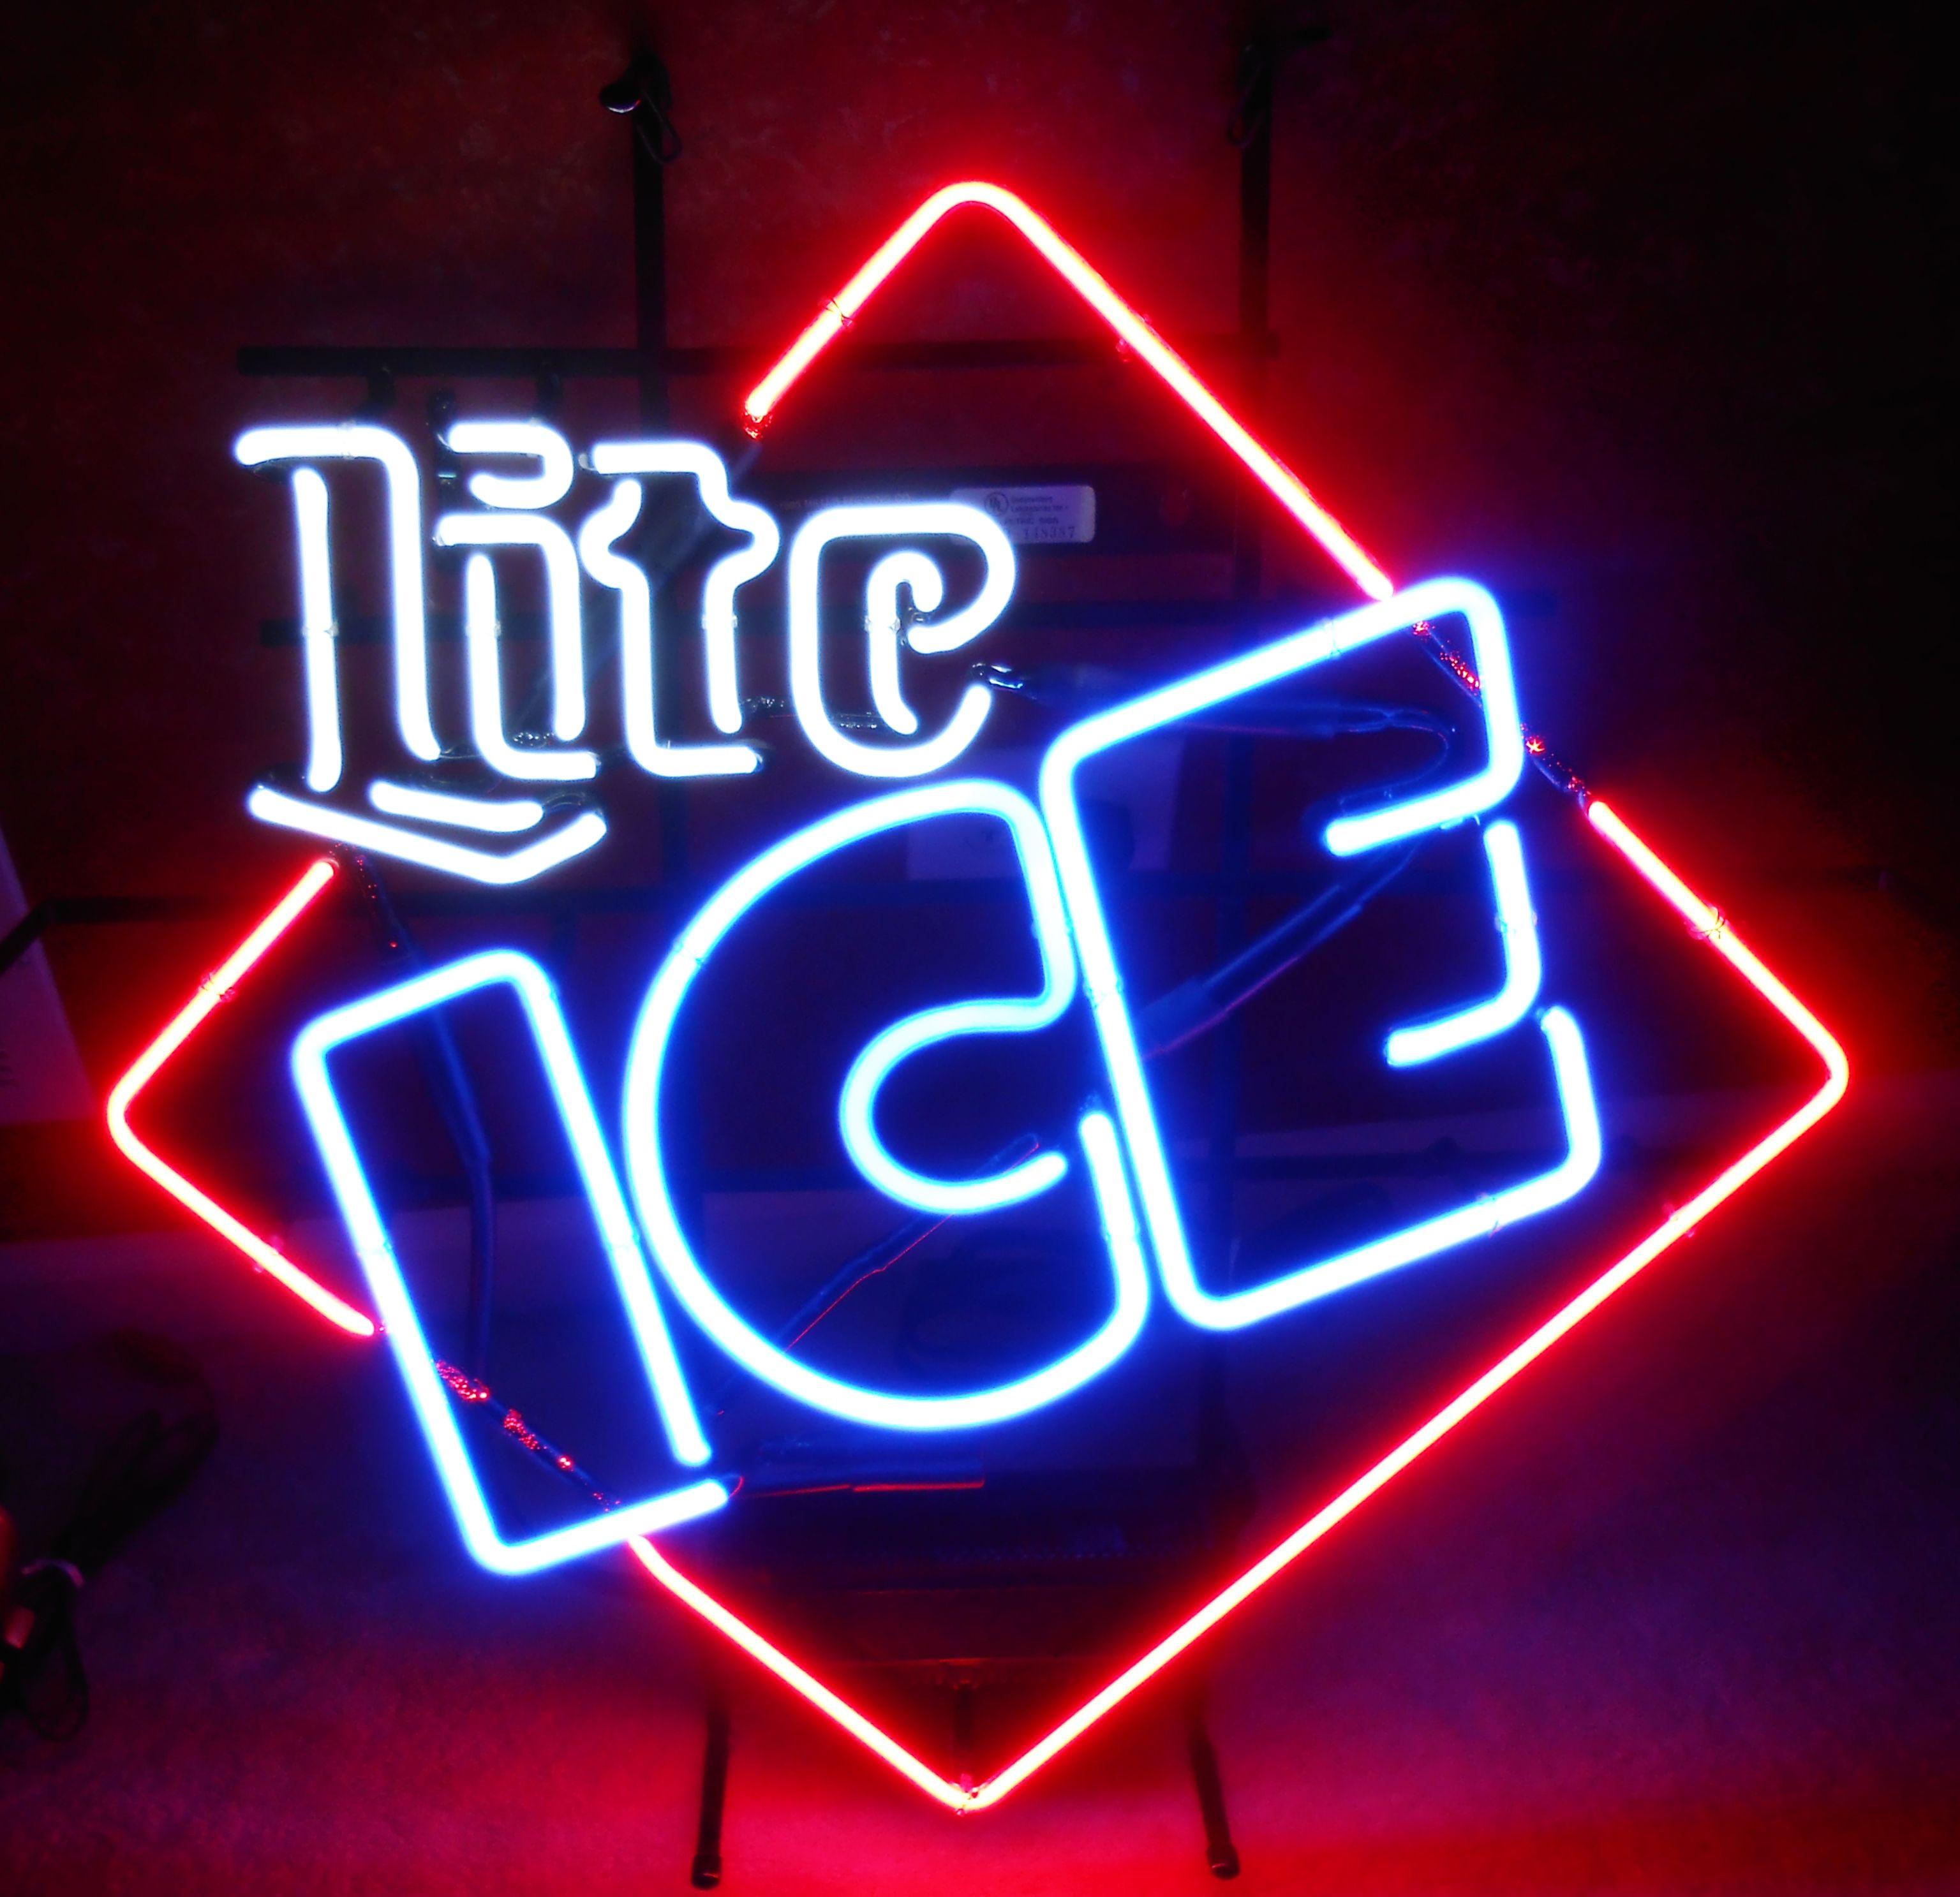 LITE ICE NEON BAR SIGN, Circa 2007